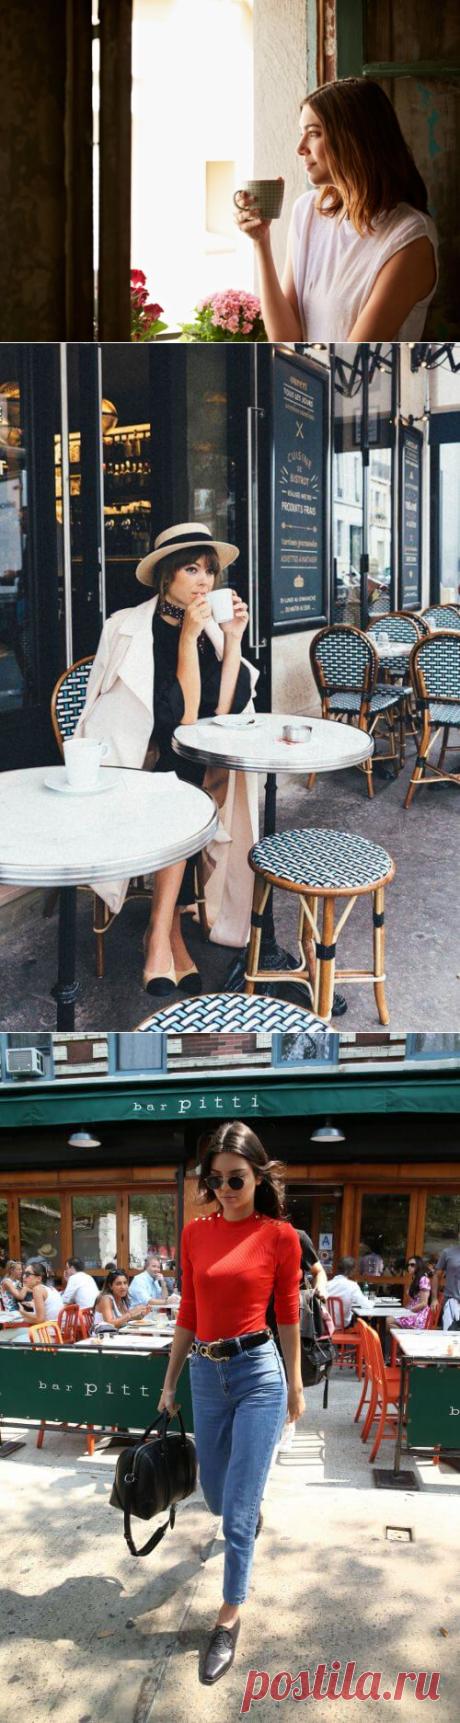 Почему француженки не толстеют: 9 простых правил, благодаря которым вы всегда будете стройной   Чаровница и проказница